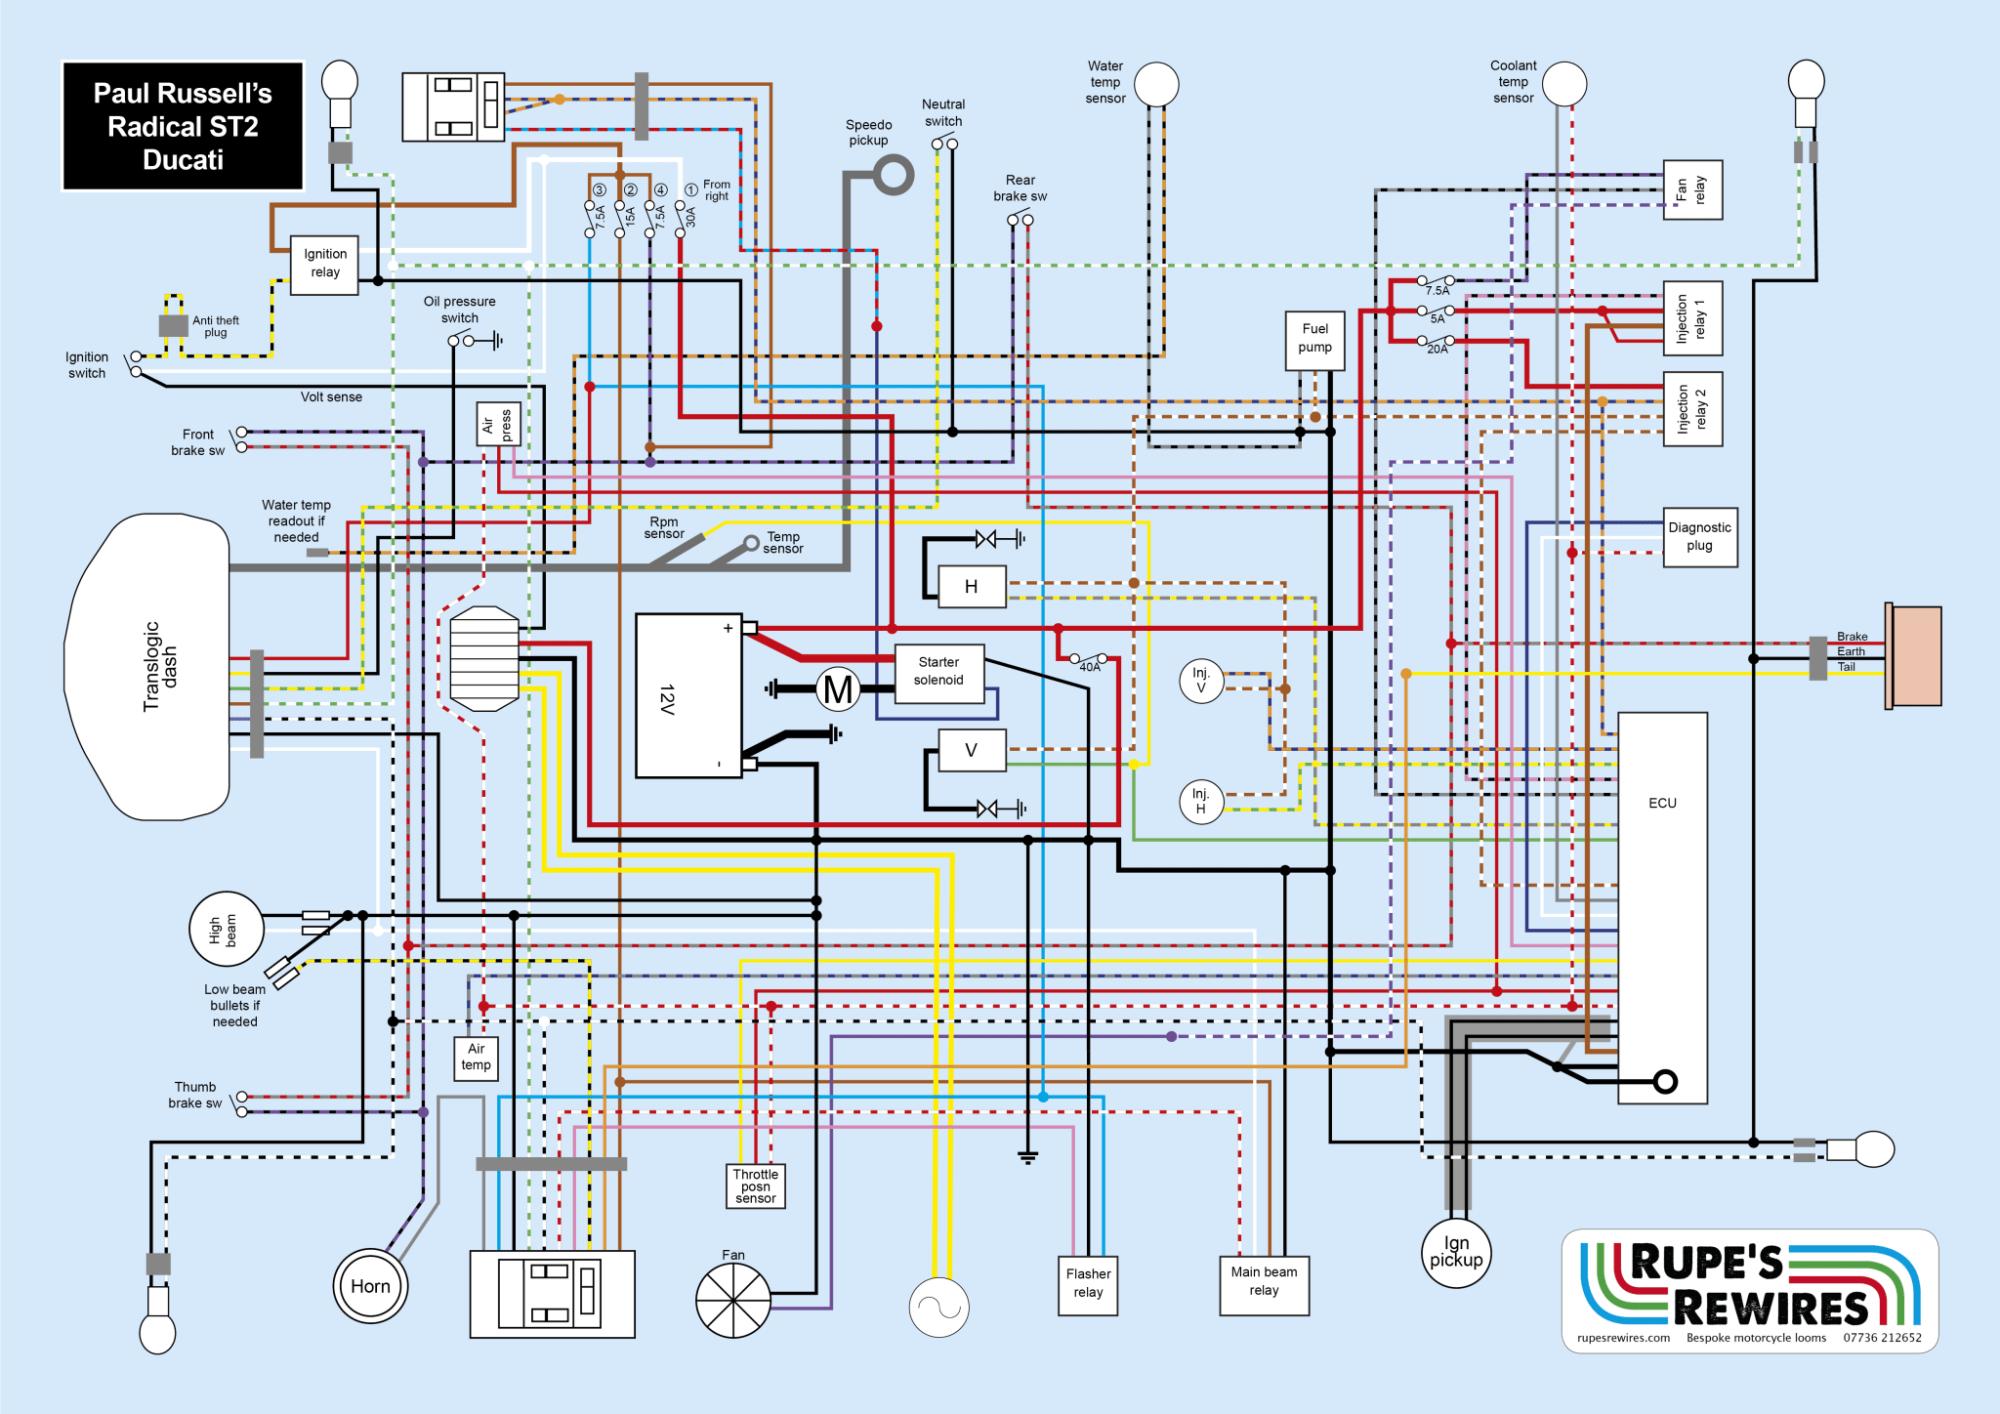 ducati pantah wiring diagram kf 6115  ducati 695 wiring diagram schematic wiring  ducati 695 wiring diagram schematic wiring